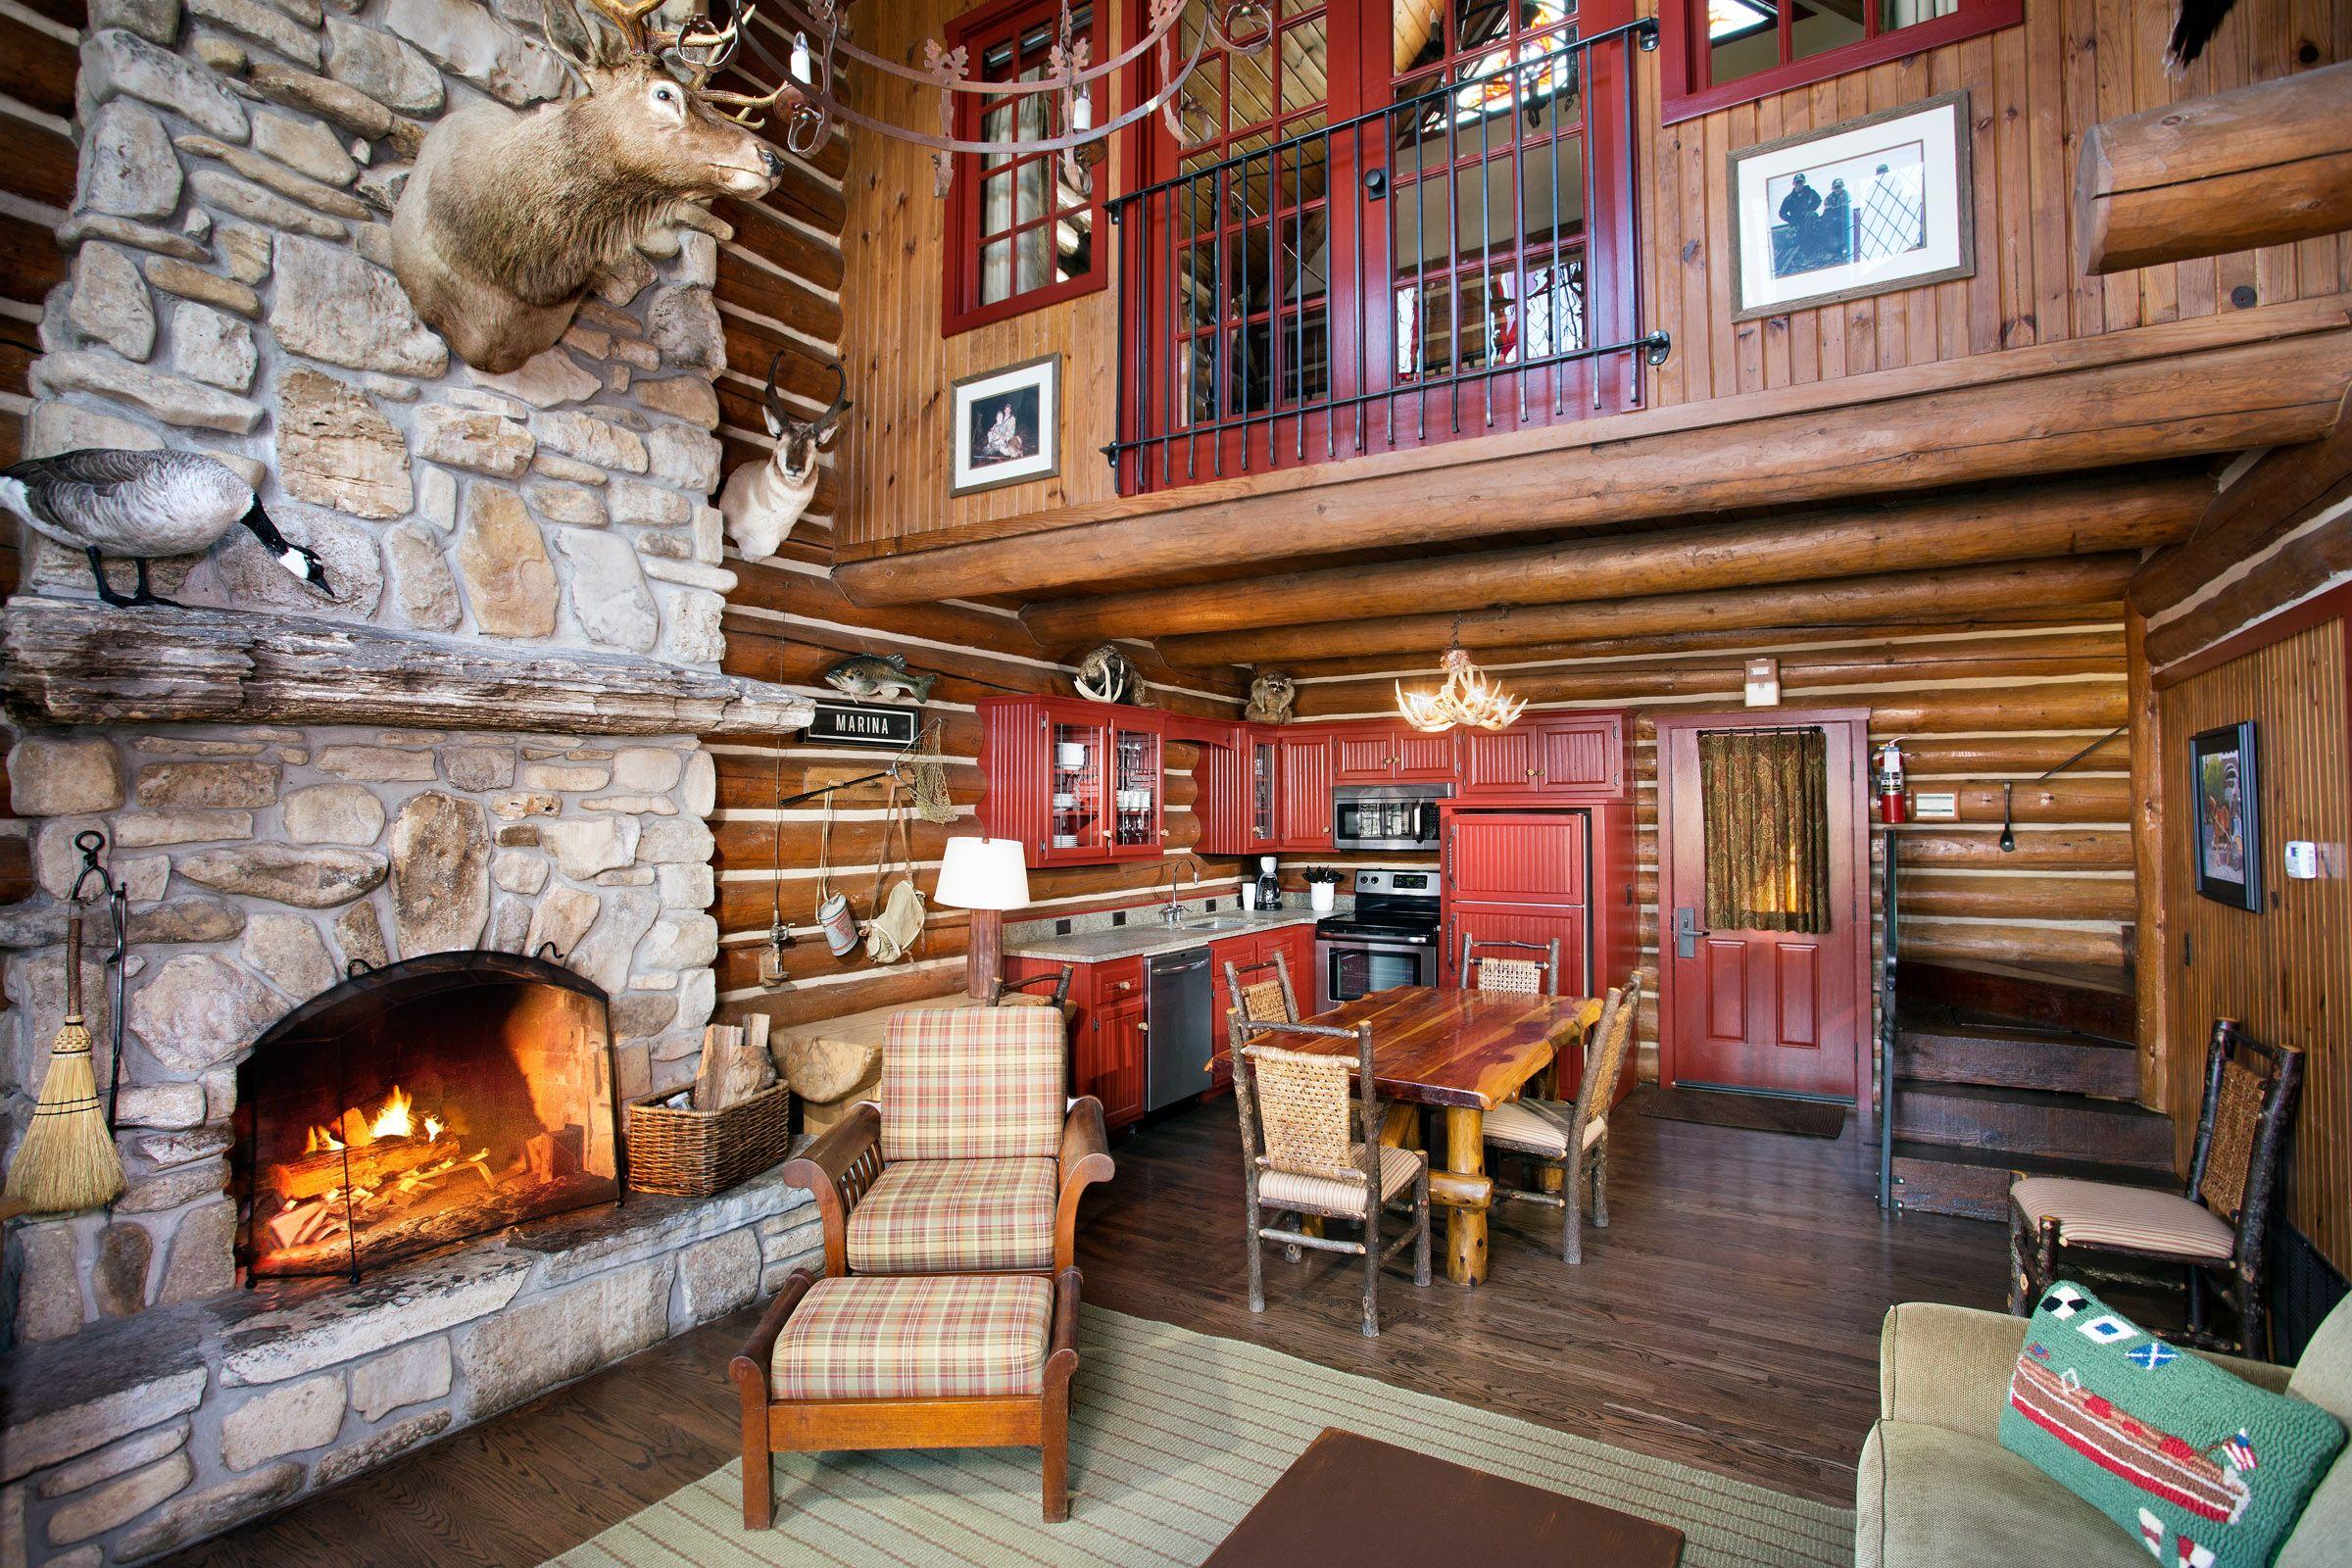 Private Two Bedroom Cabin With Loft Branson Missouri